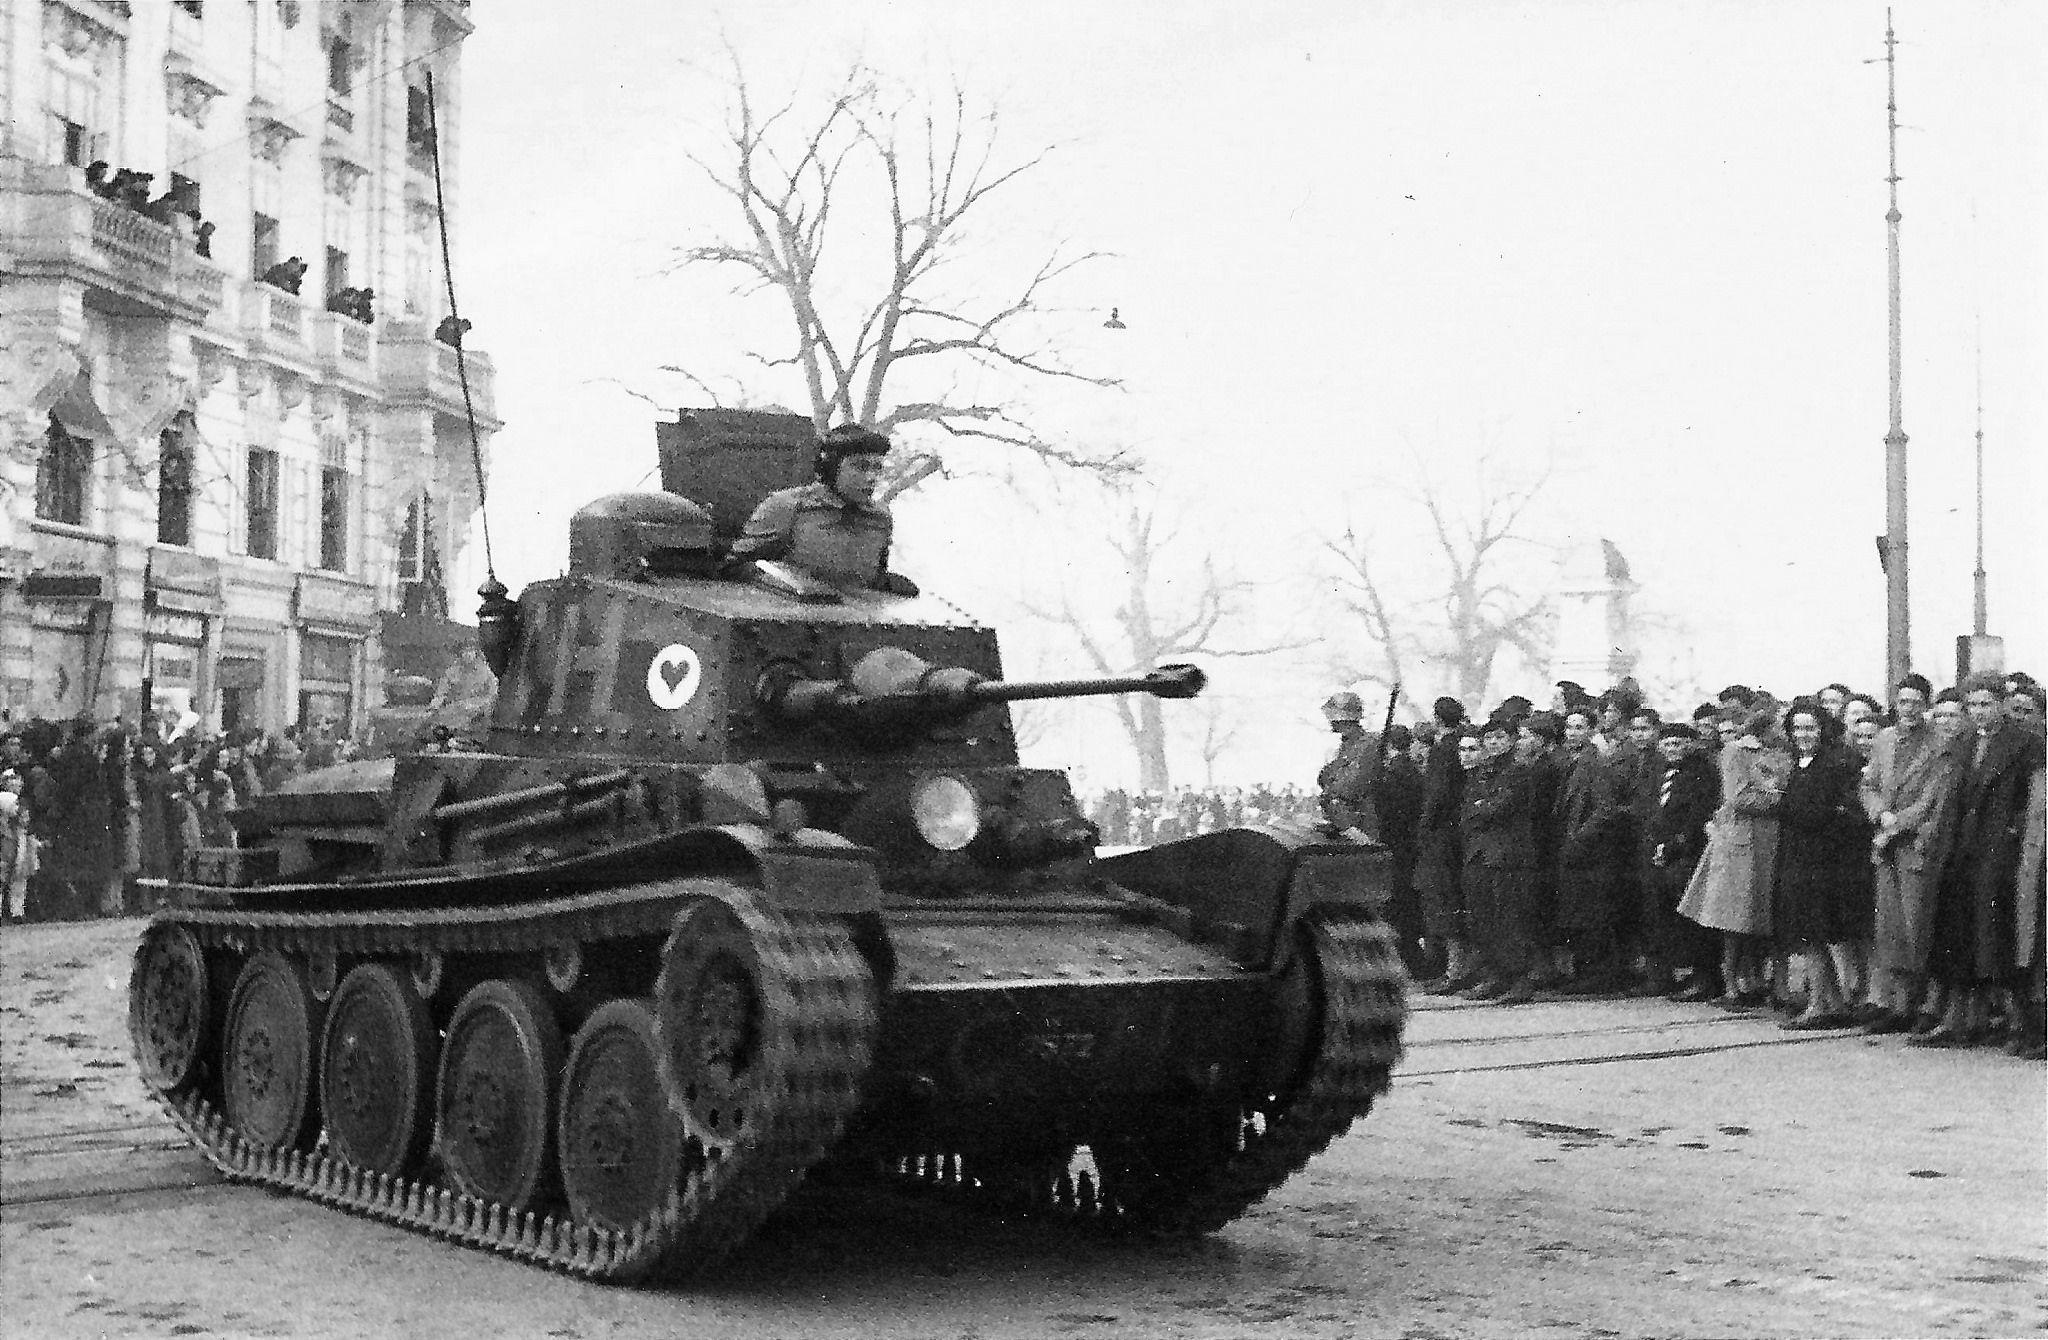 Panzerwagen 39 (ČKD Lehký tank helvétský) | WWII Vehicles